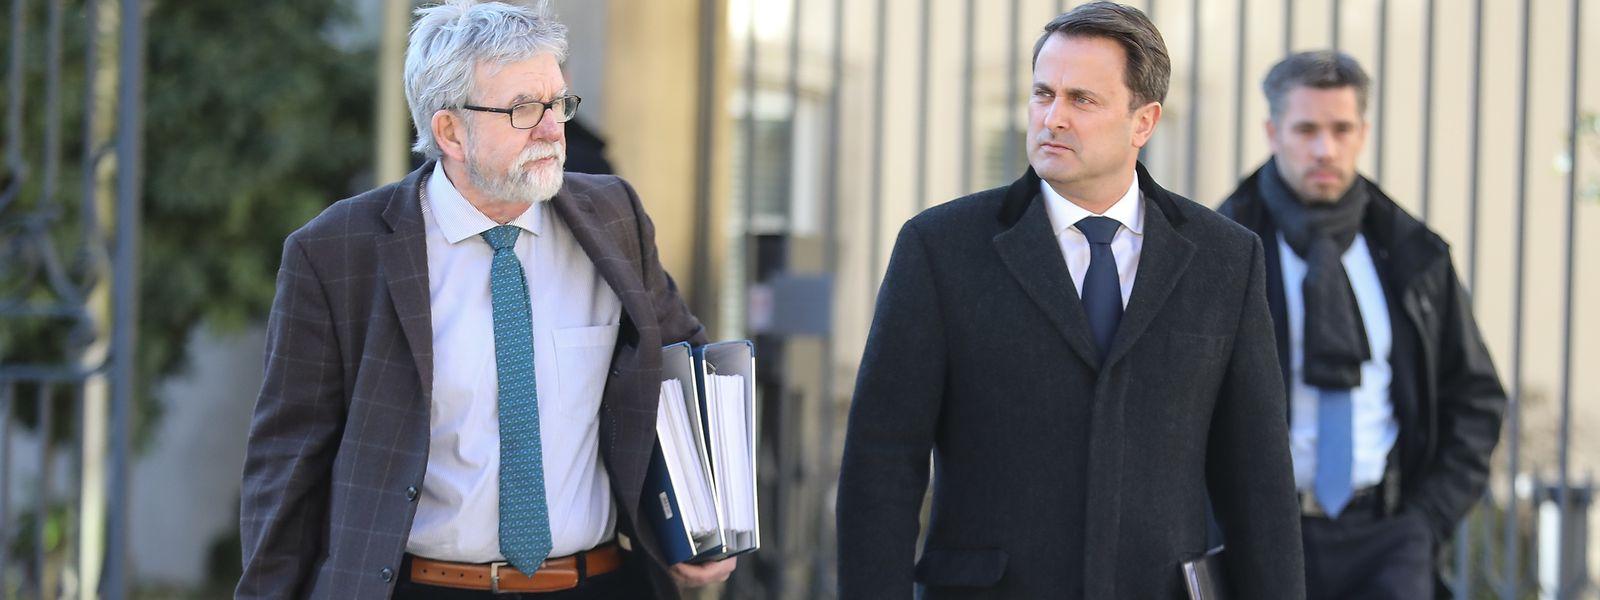 Le duo Waringo-Bettel a présenté ses conclusions au Parlement